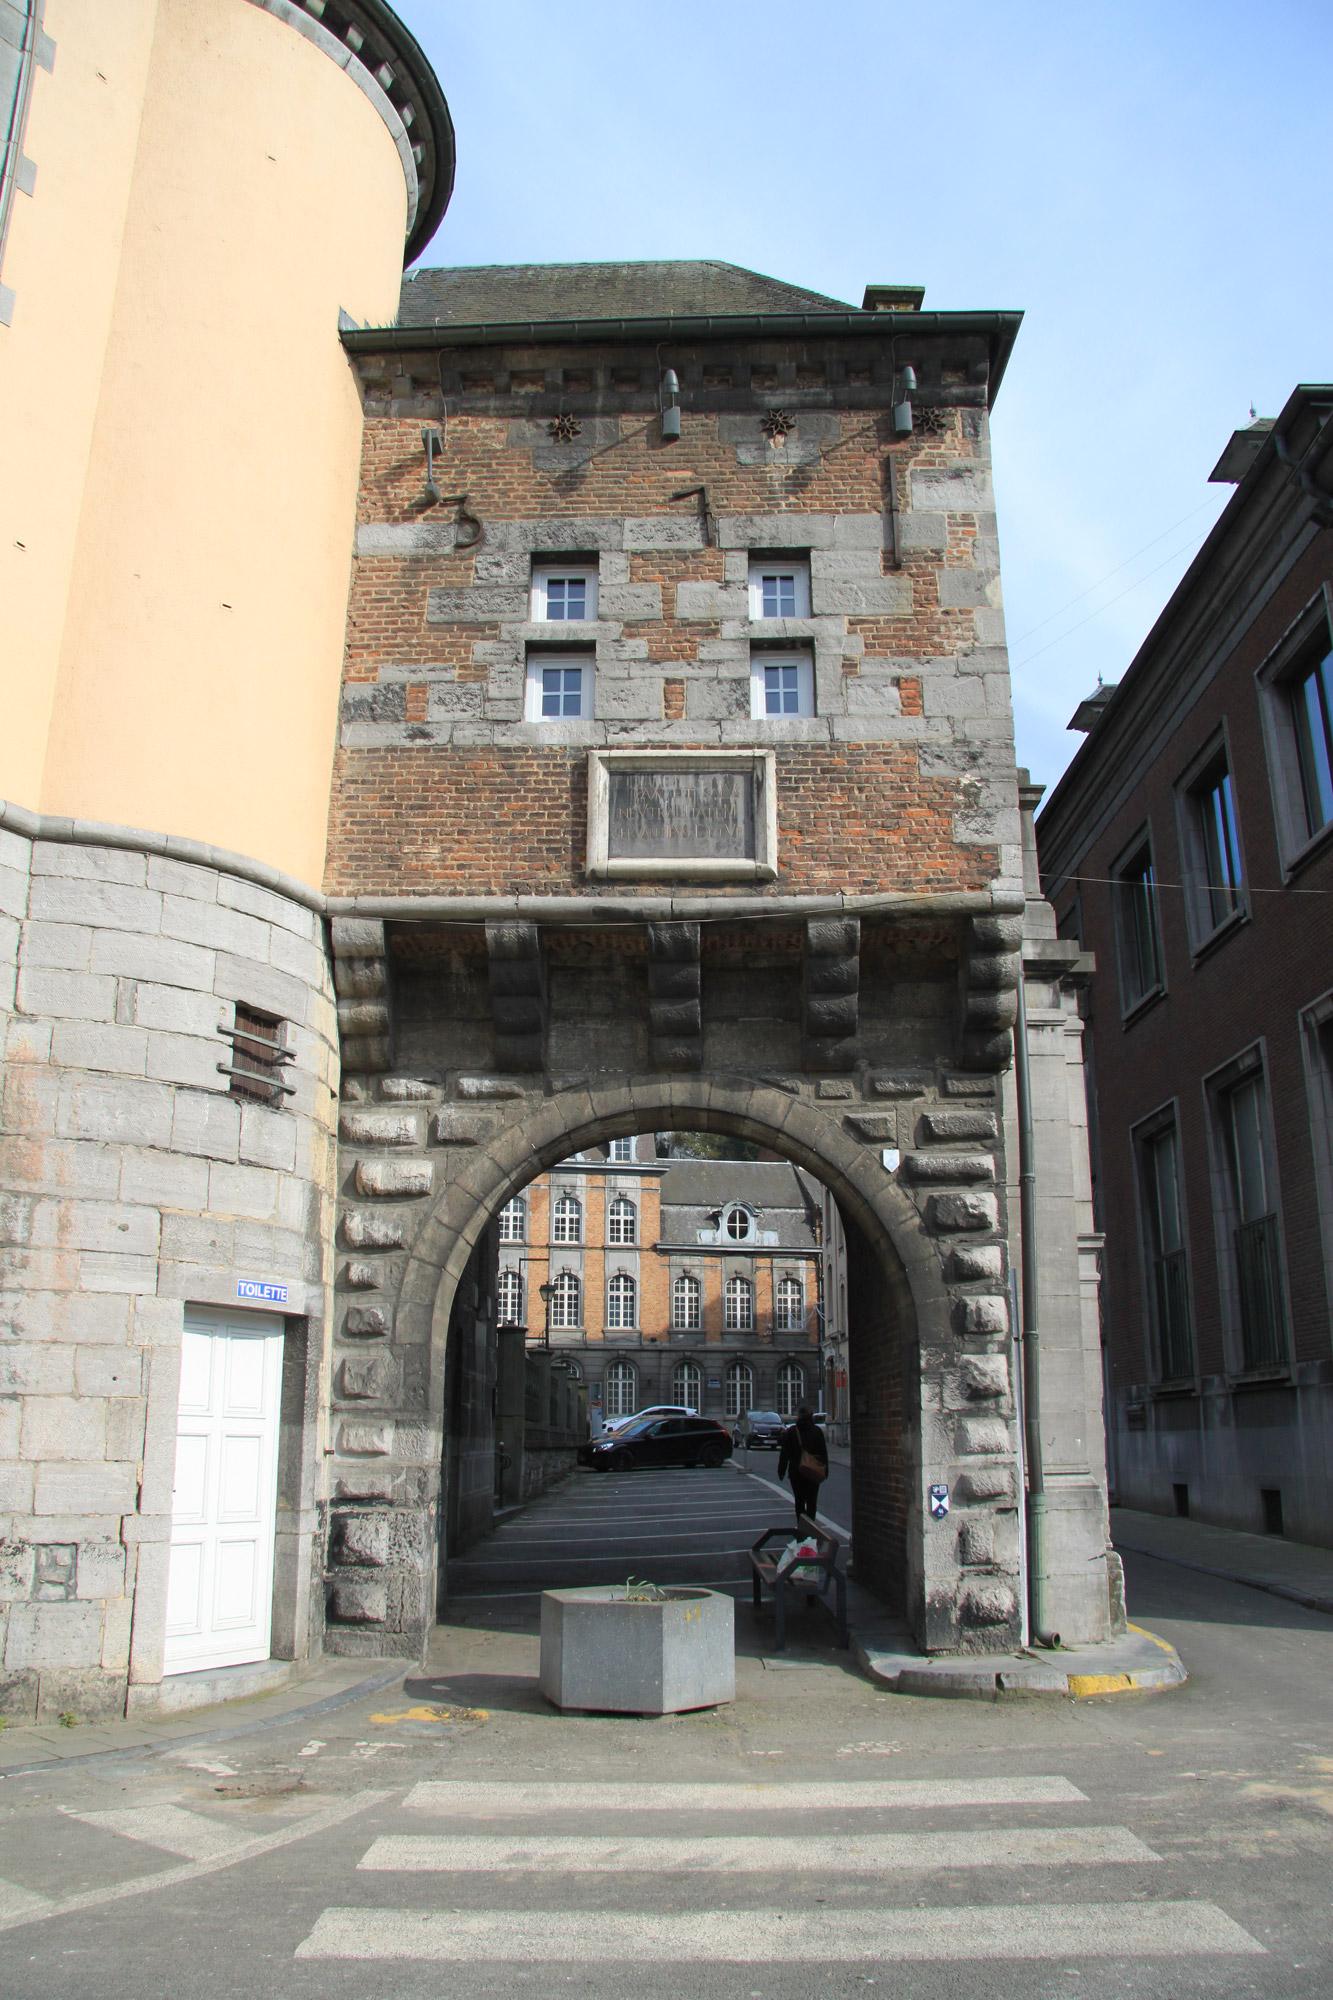 Porte saint martin in dinant belgi reizen reistips for Porte saint martin